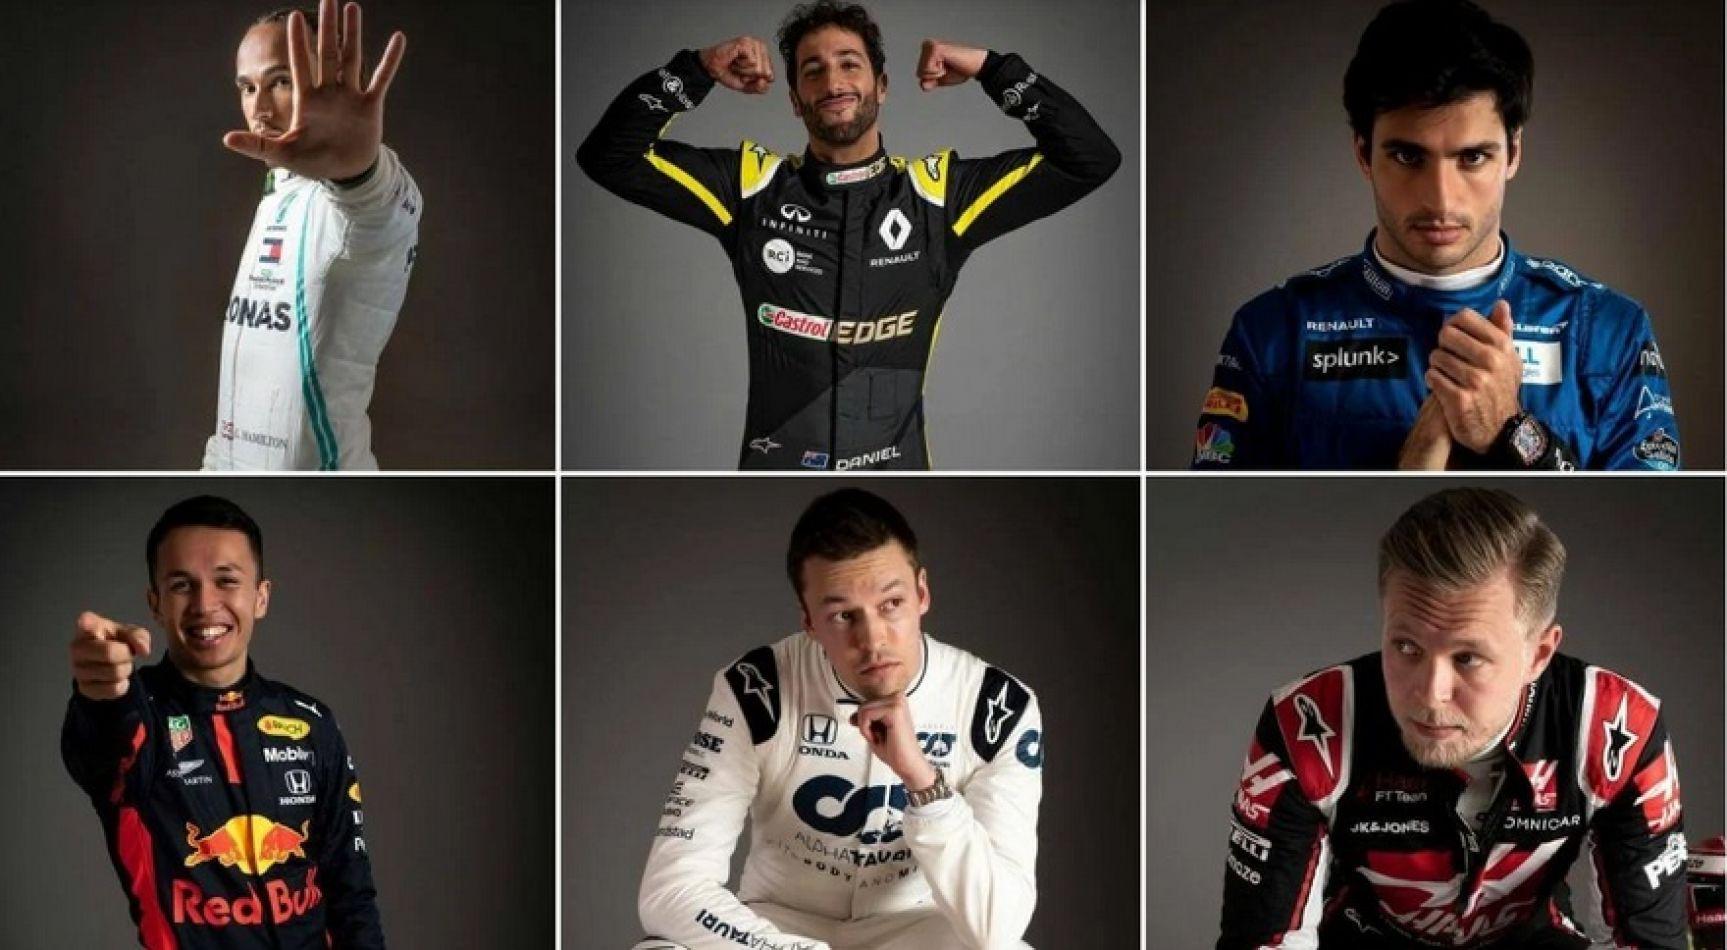 La Fórmula Uno 2020 arrancará el próximo domingo en Austria